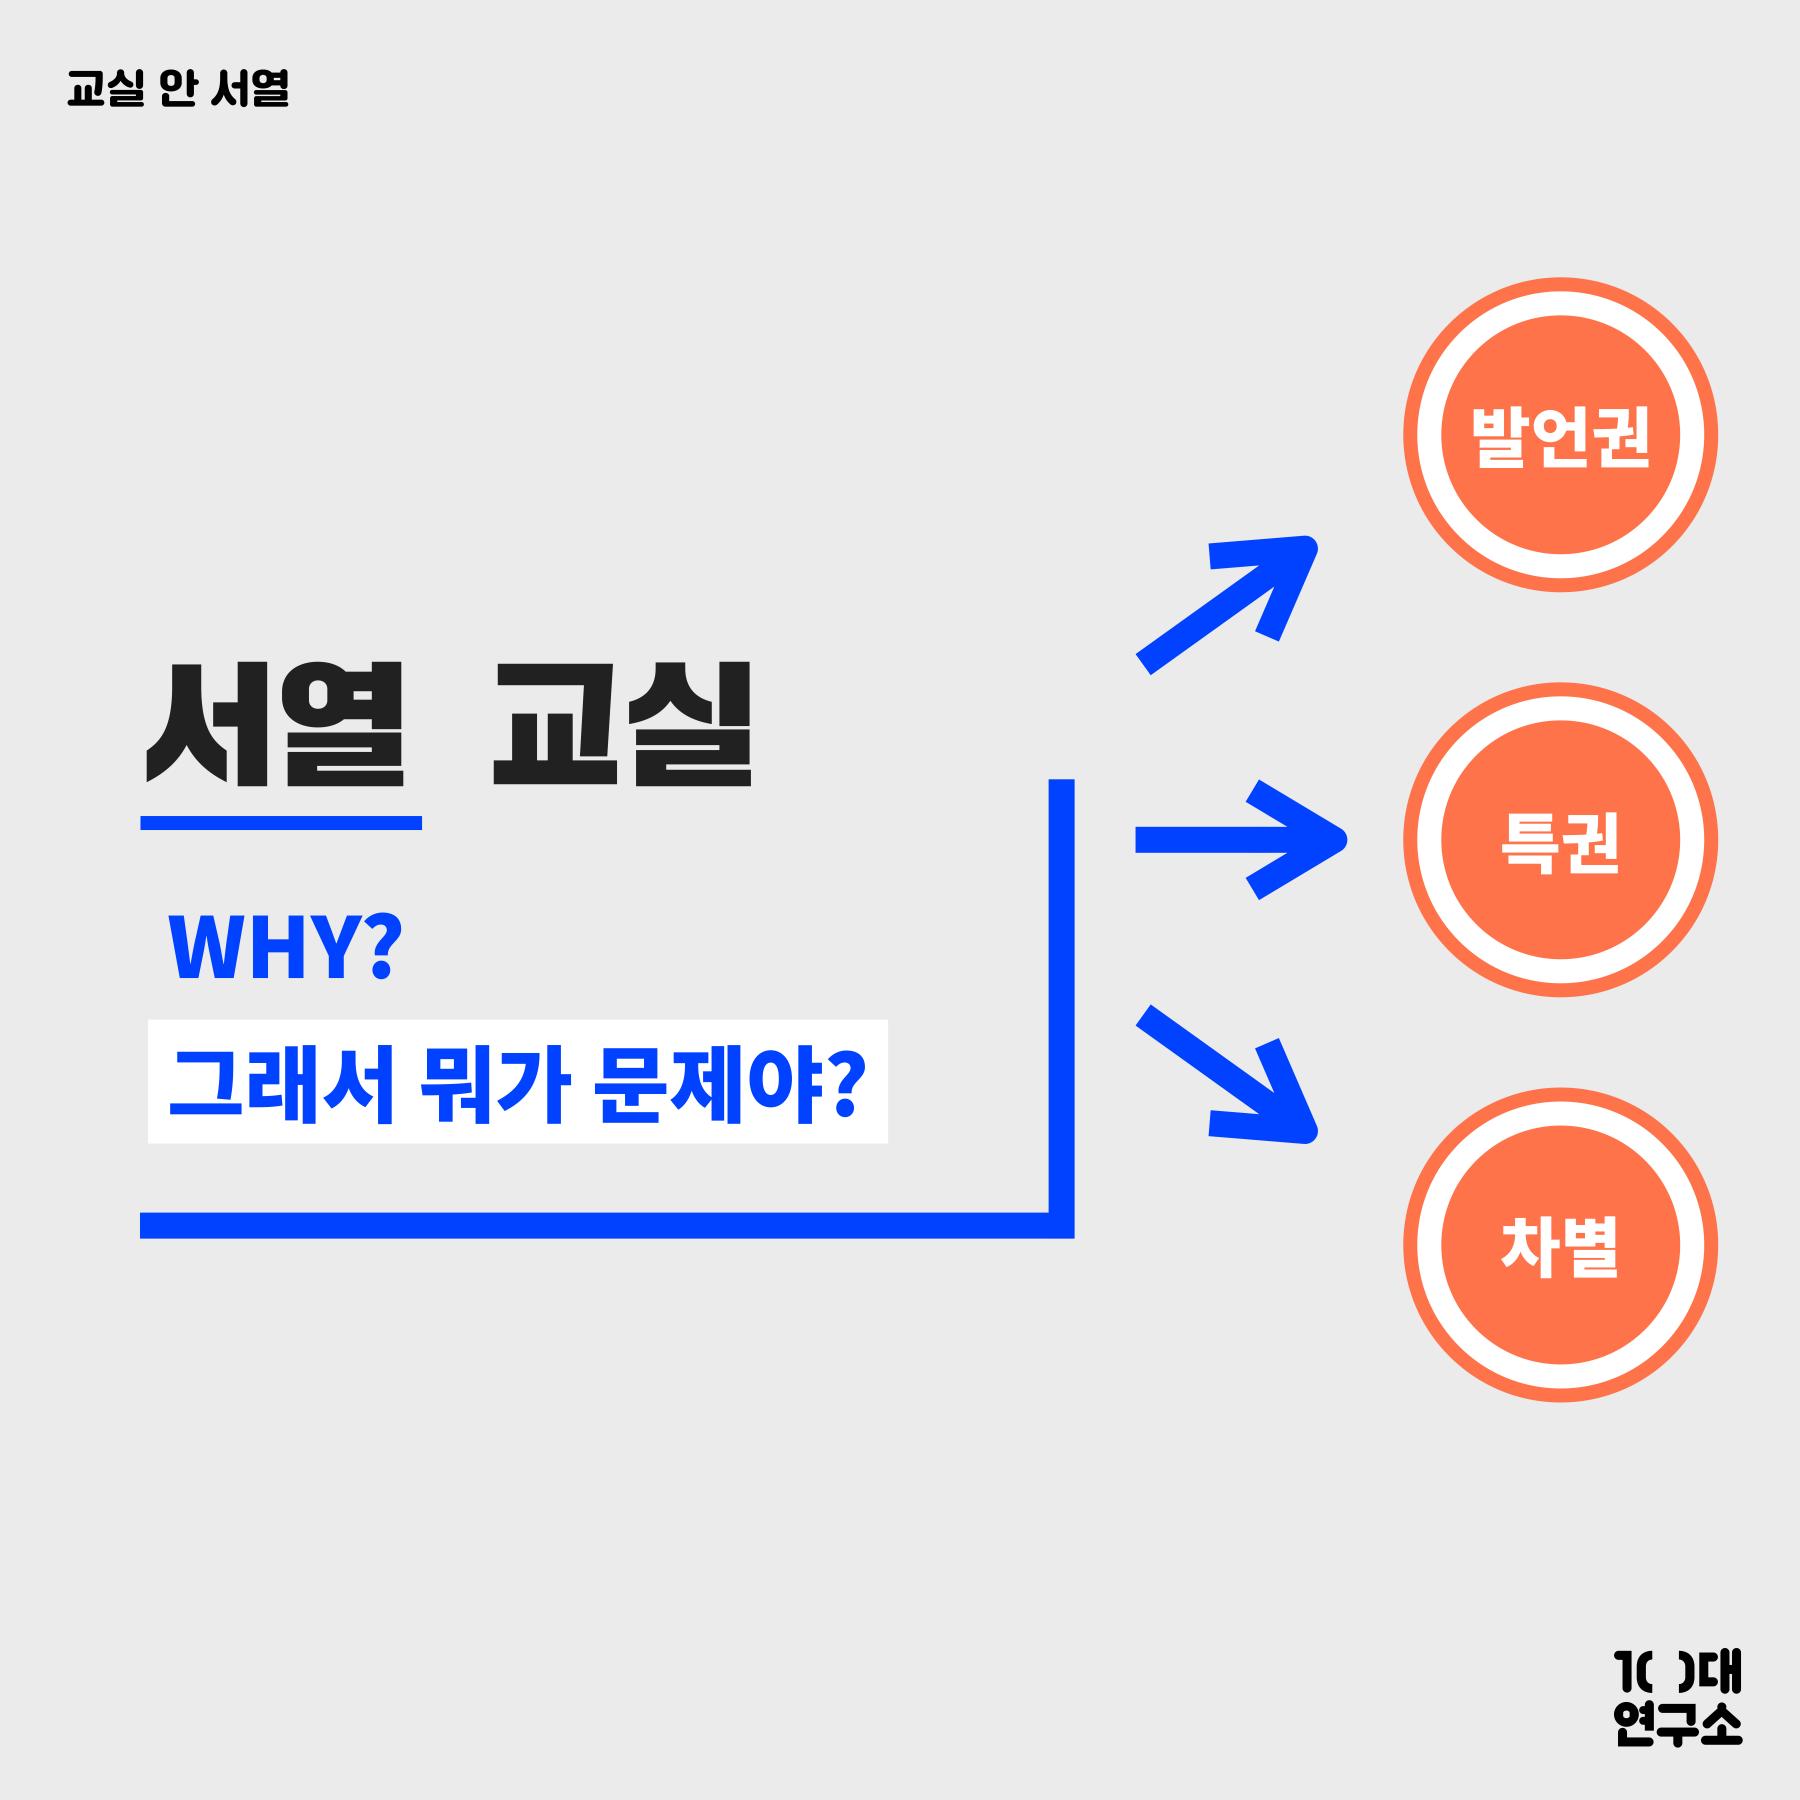 교실 안 서열_10.png